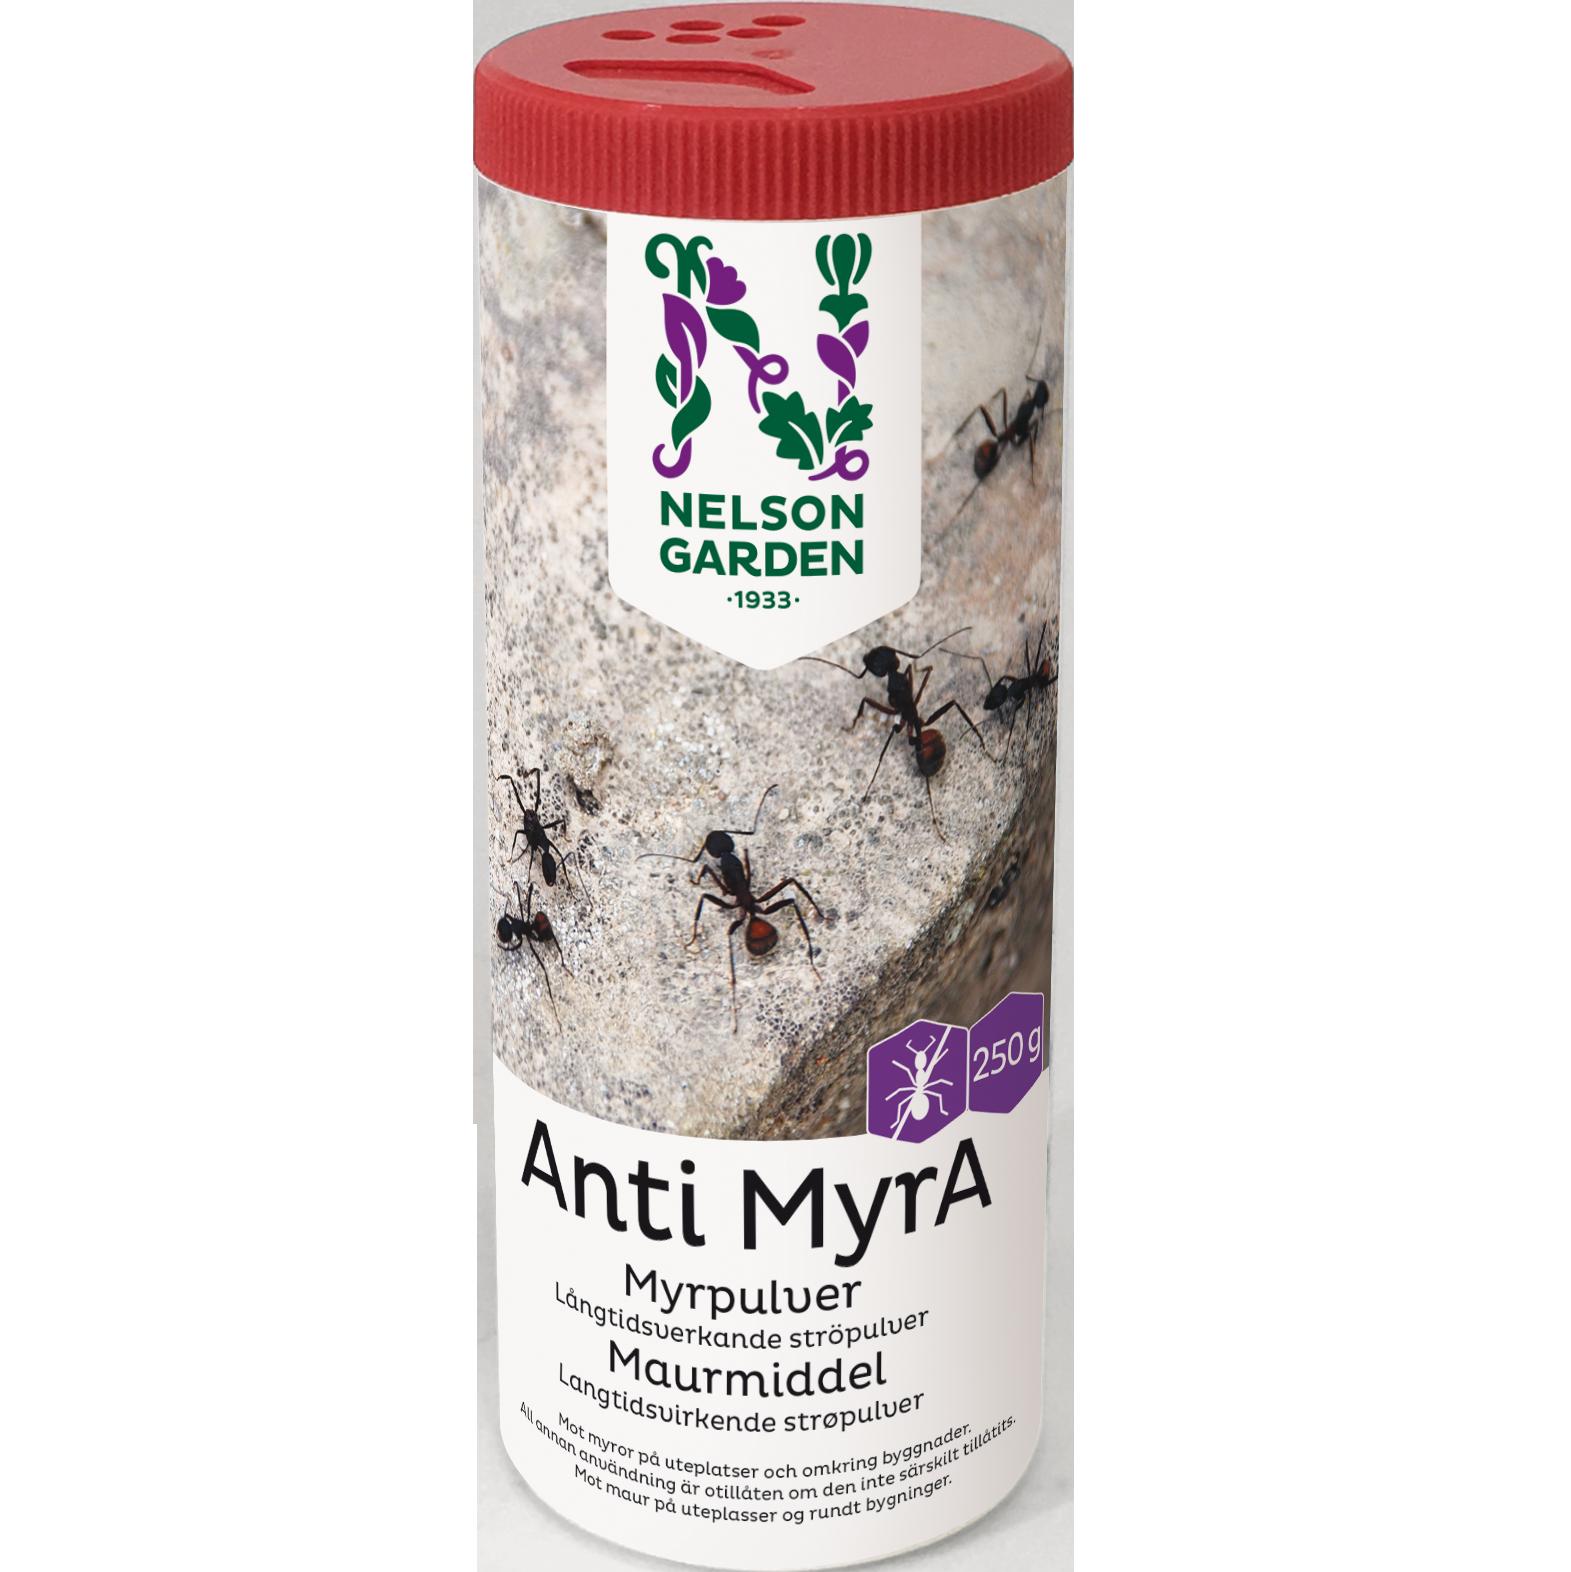 Anti Myra- Myrpulver 250g